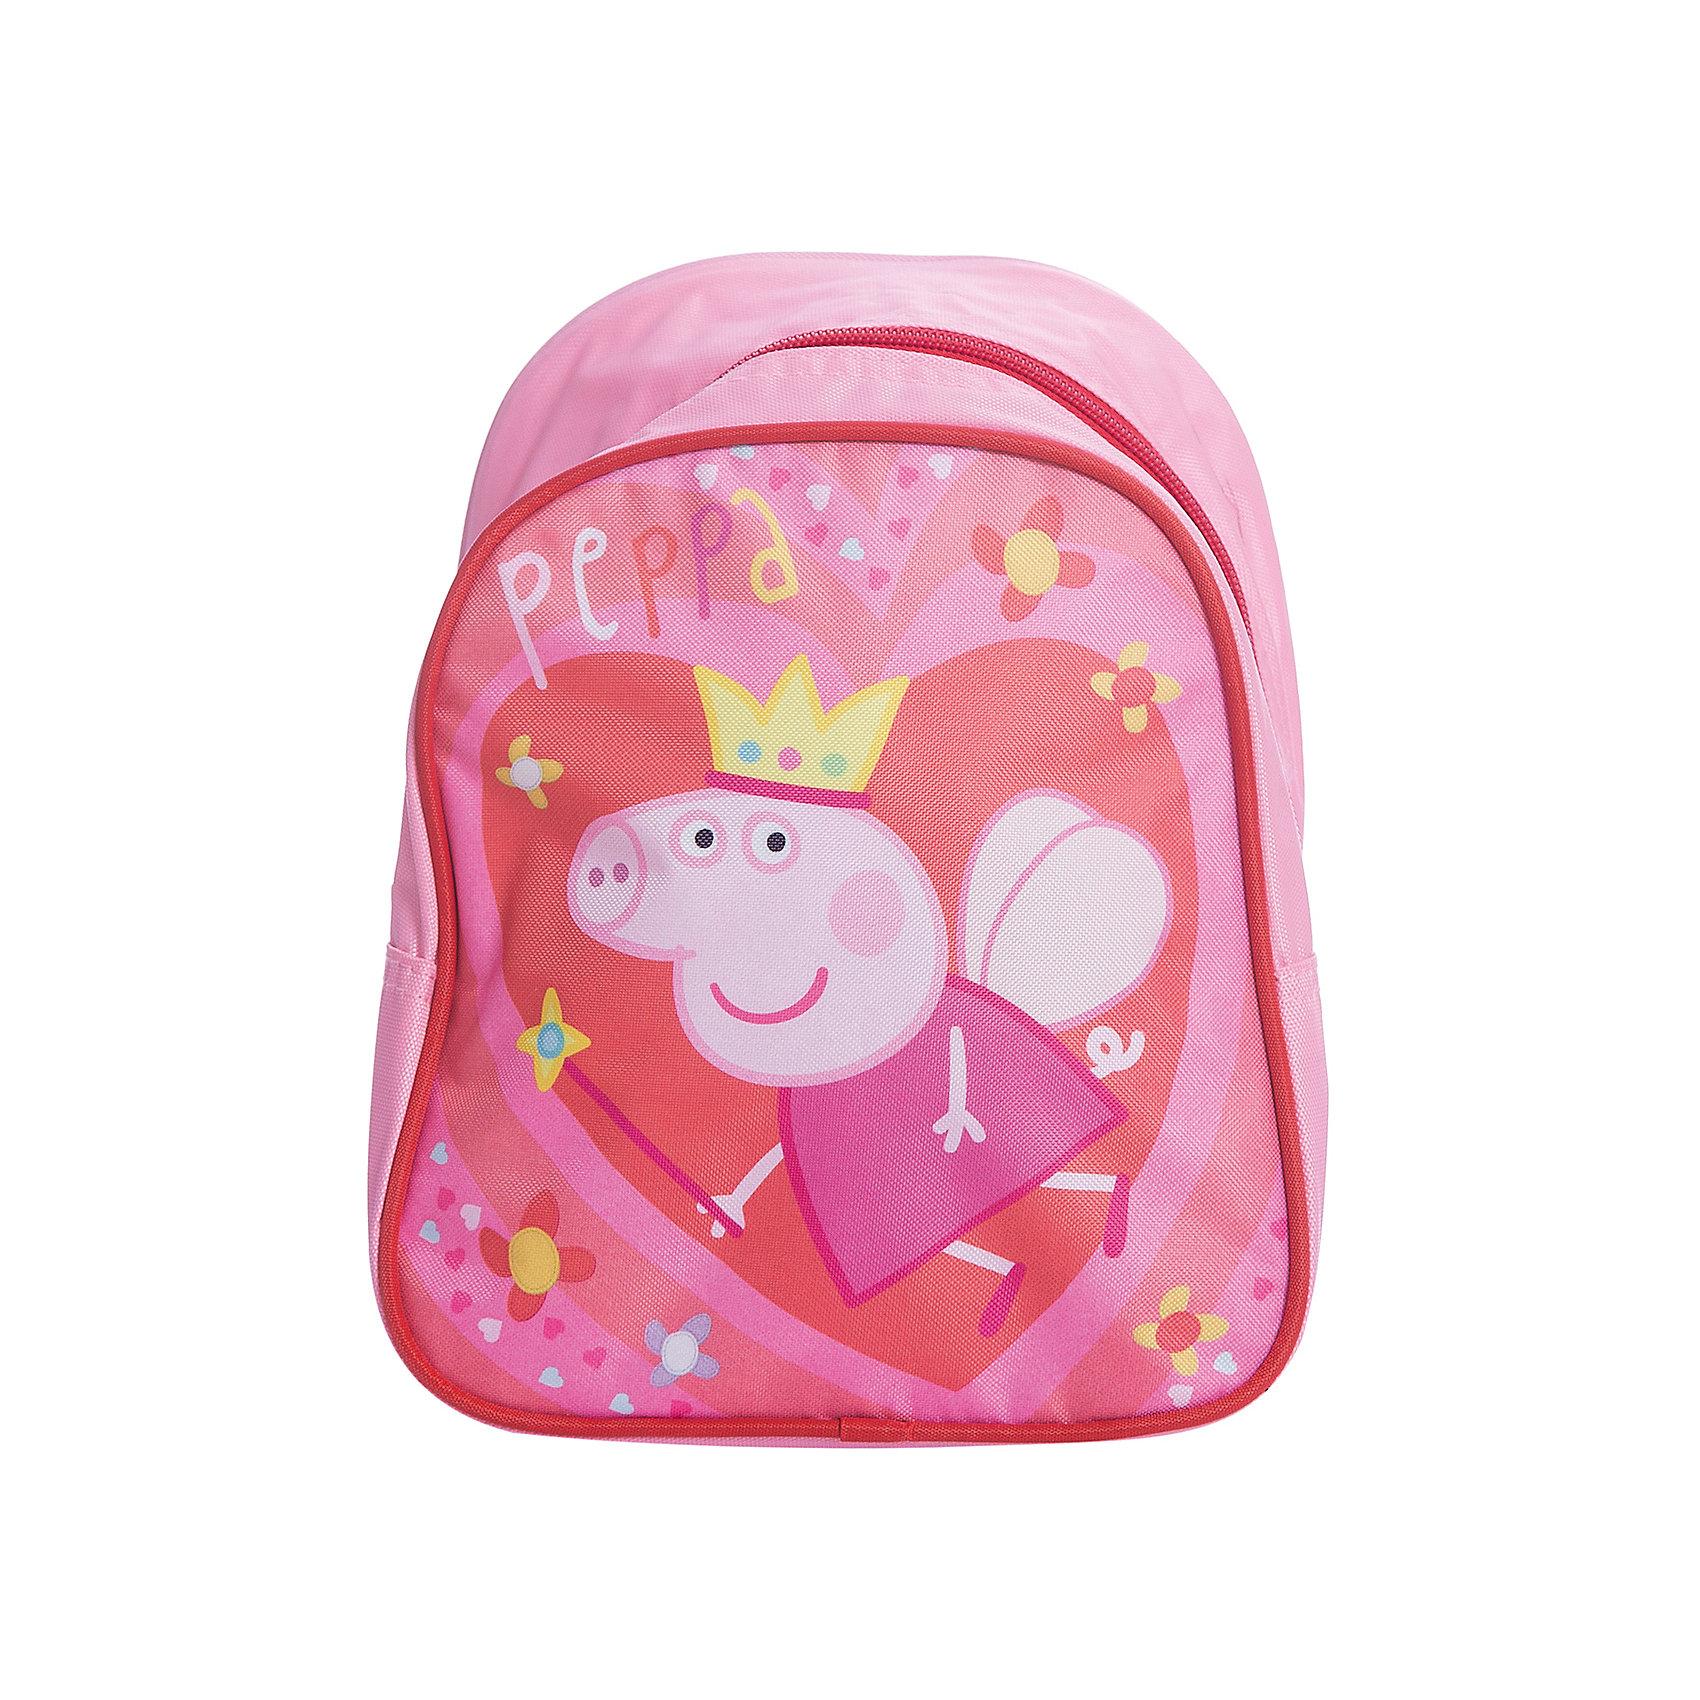 Дошкольный рюкзак Королева, Свинка ПеппаСвинка Пеппа<br>Очаровательный дошкольный рюкзачок «Свинка Пеппа» – это невероятно привлекательный аксессуар для вашей малышки. В его внутреннем отделении на молнии легко поместятся не только игрушки, но даже тетрадка или книжка. Благодаря регулируемым лямкам, рюкзачок подходит детям любого роста. Удобная ручка помогает носить аксессуар в руке или размещать на вешалке. Изделие изготовлено из износостойкой, водонепроницаемой ткани, поэтому оно будет служить долгое время, сохраняя положенные в него вещи сухими даже в дождливую погоду. Рюкзачок декорирован привлекательным принтом (сублимированной печатью). Размер: 23х19х8 см.<br><br>Ширина мм: 260<br>Глубина мм: 205<br>Высота мм: 25<br>Вес г: 163<br>Возраст от месяцев: 36<br>Возраст до месяцев: 72<br>Пол: Женский<br>Возраст: Детский<br>SKU: 4635148